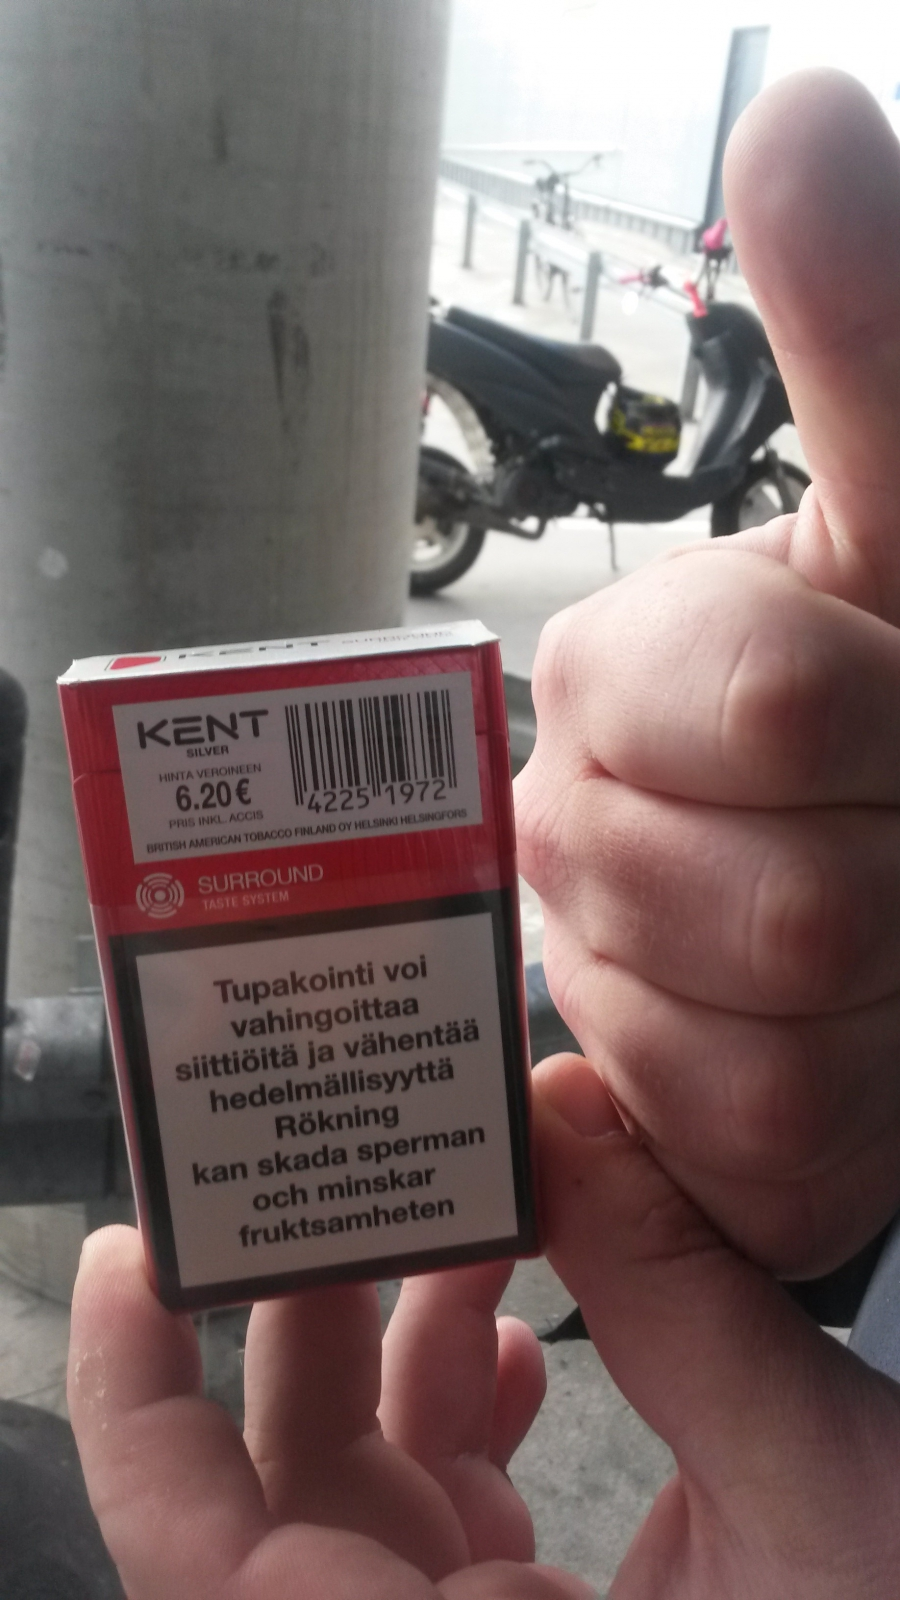 Кент по-фински